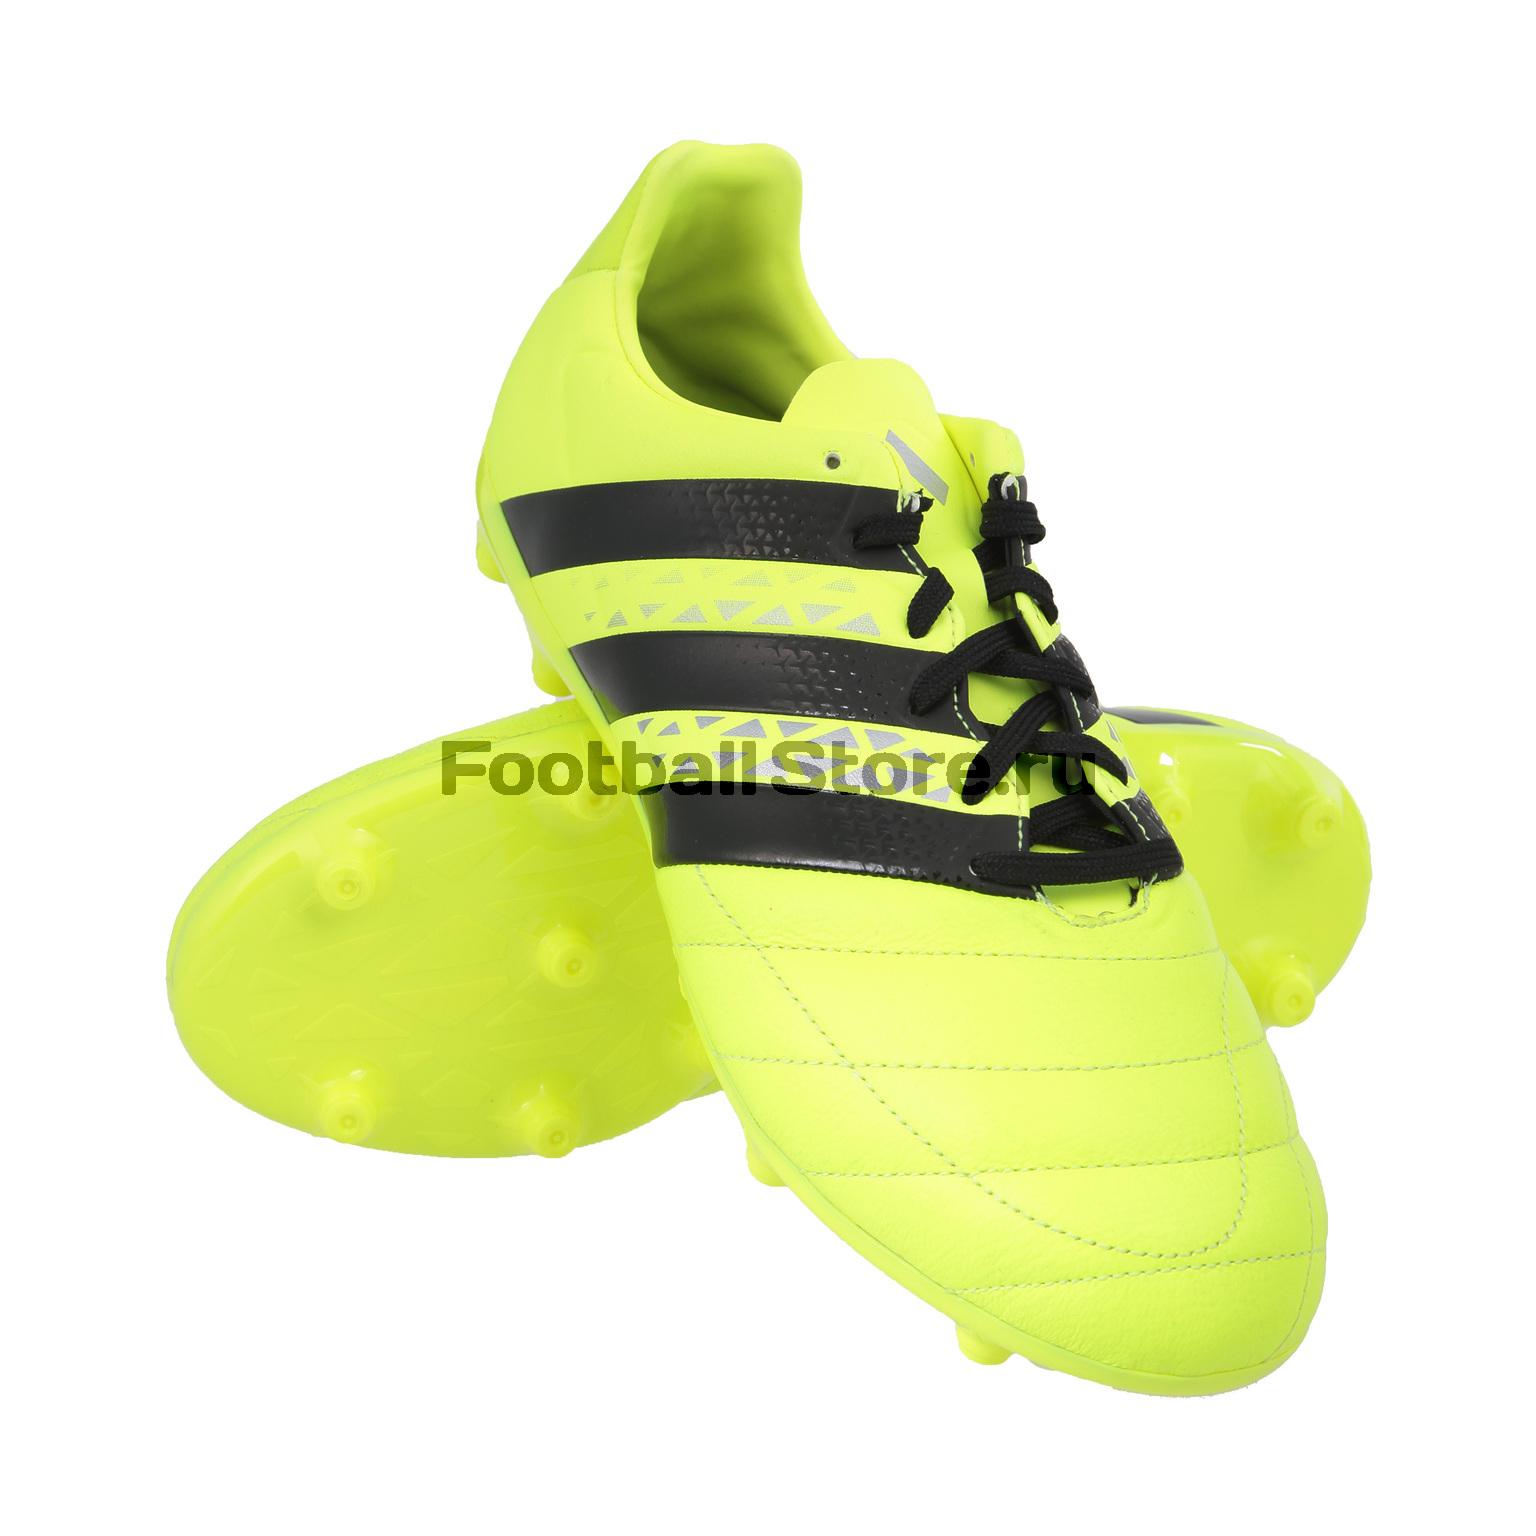 Игровые бутсы Adidas Бутсы Adidas Ace 16.3 FG Leather AQ4456 adidas бутсы adidas ace 16 1 fg ag le af5098